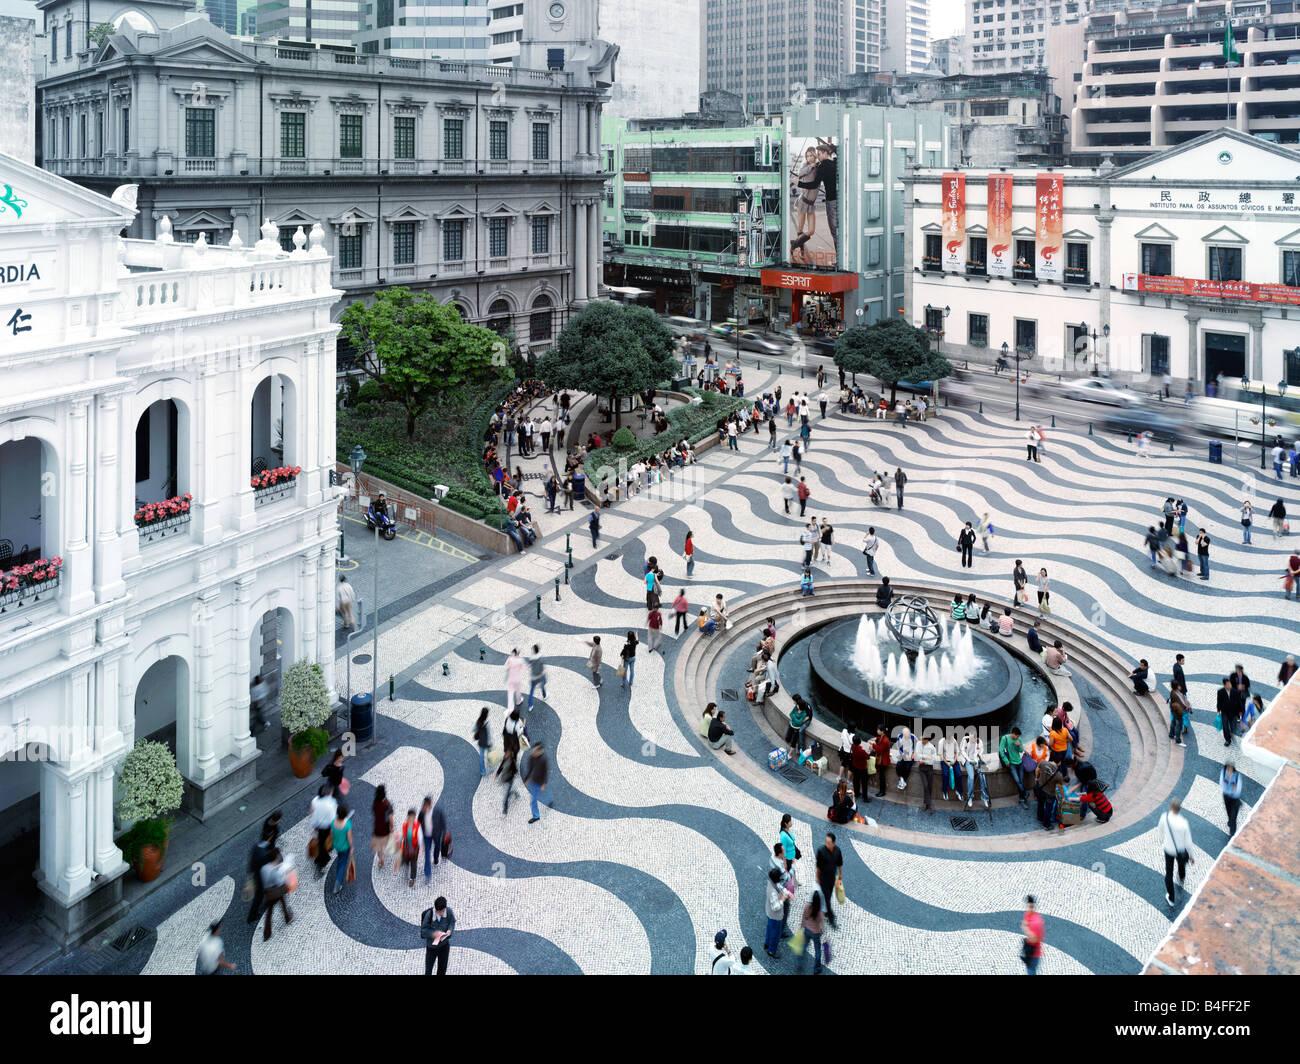 Il largo do Senado (Piazza del Senato) di fronte al senato fedele si trova nel centro di Macao. Immagini Stock